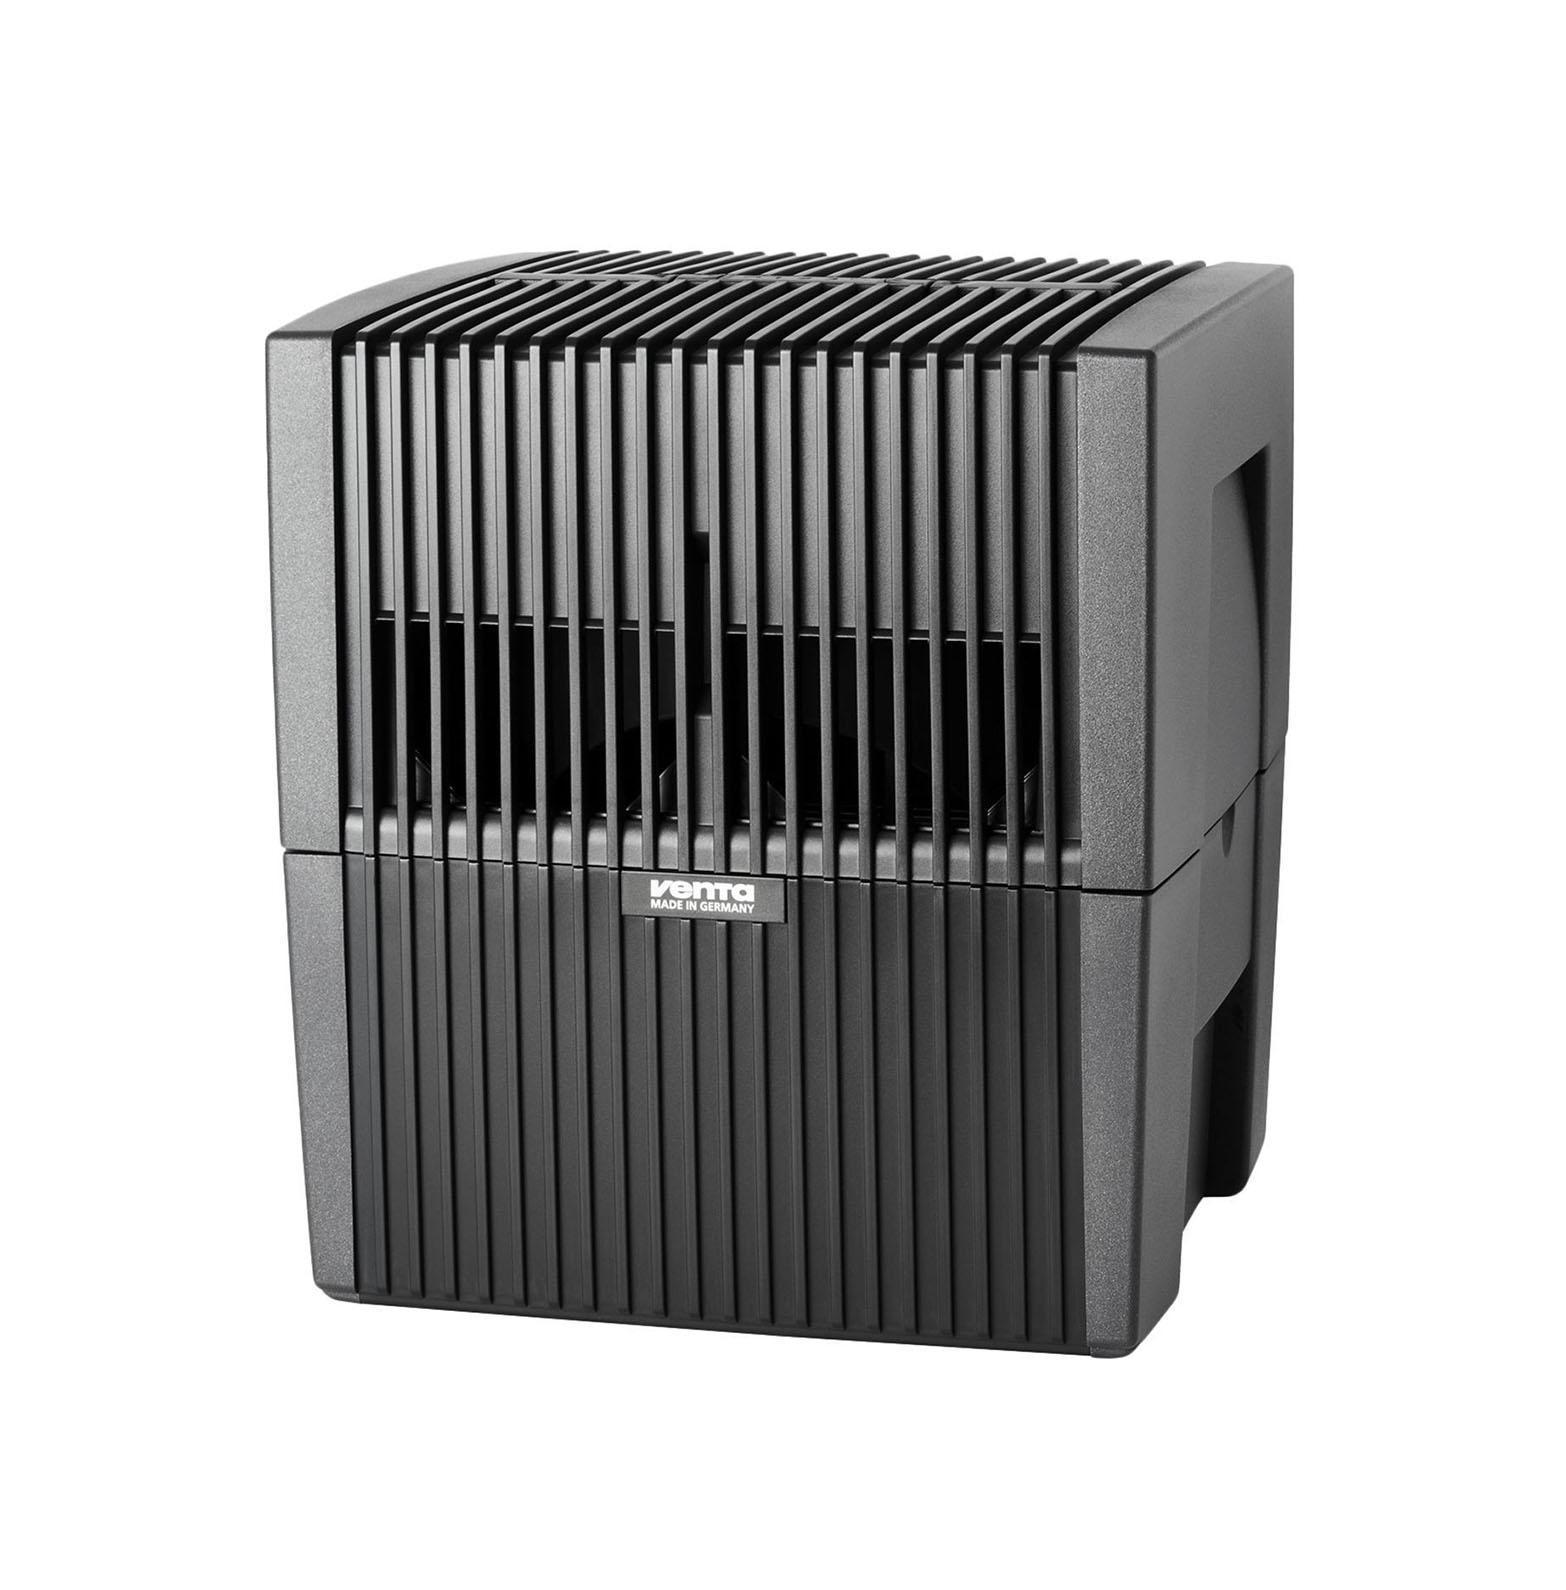 Очиститель воздуха Venta LW 25, Black очиститель воздуха venta lw 81 белый